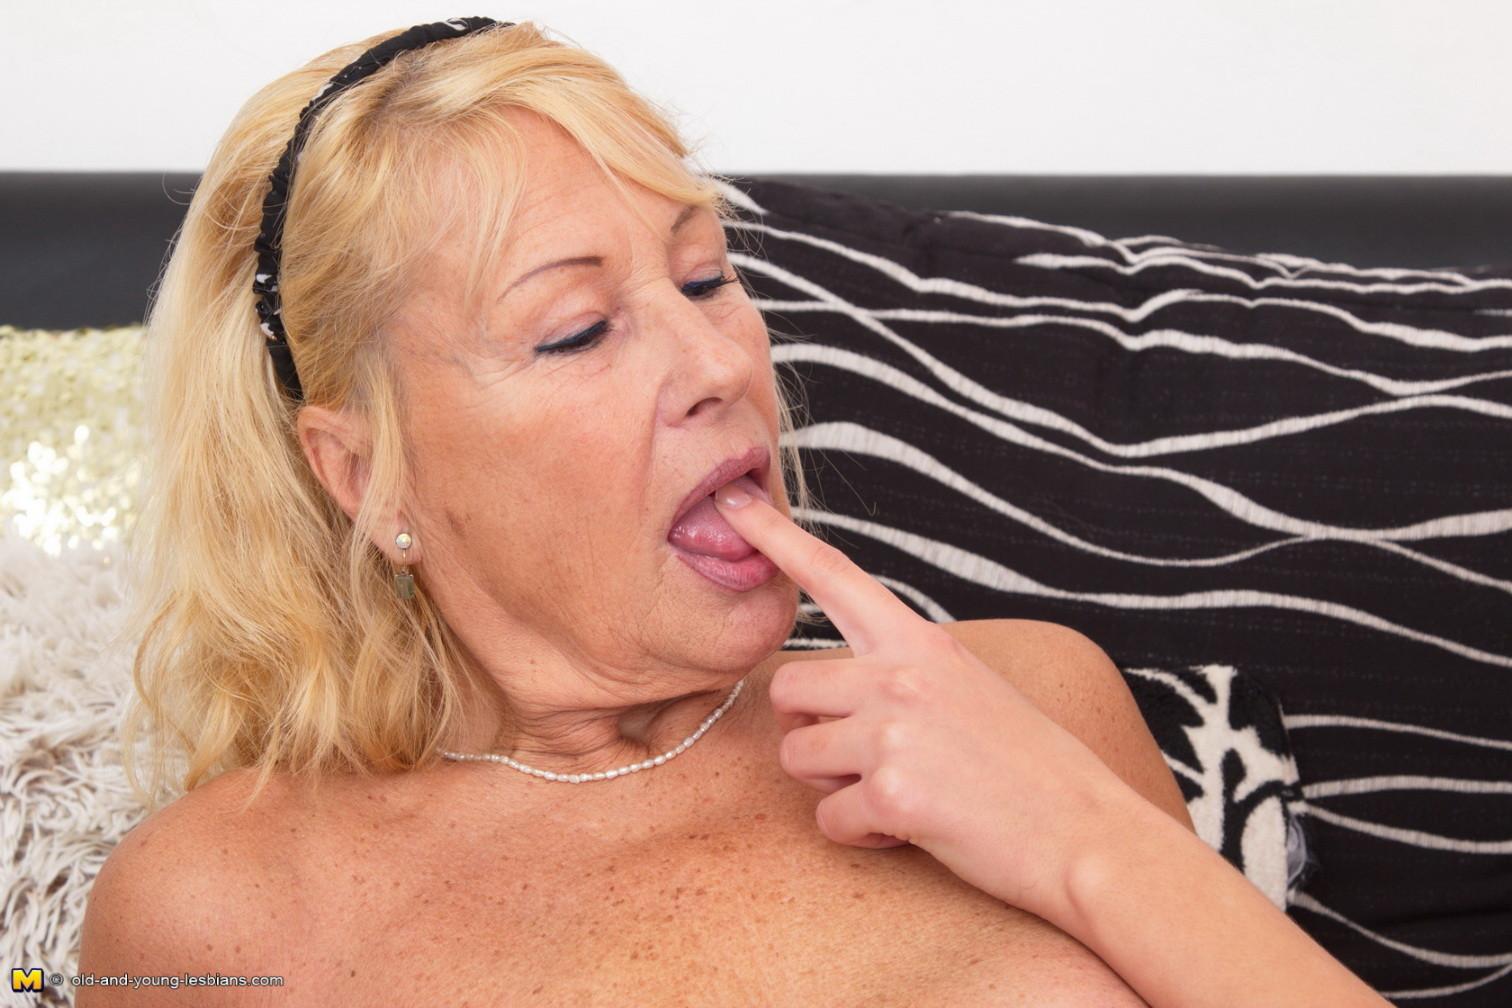 Молодая телочка оказывается очень развратной – она соглашается на уединение с пожилой женщиной